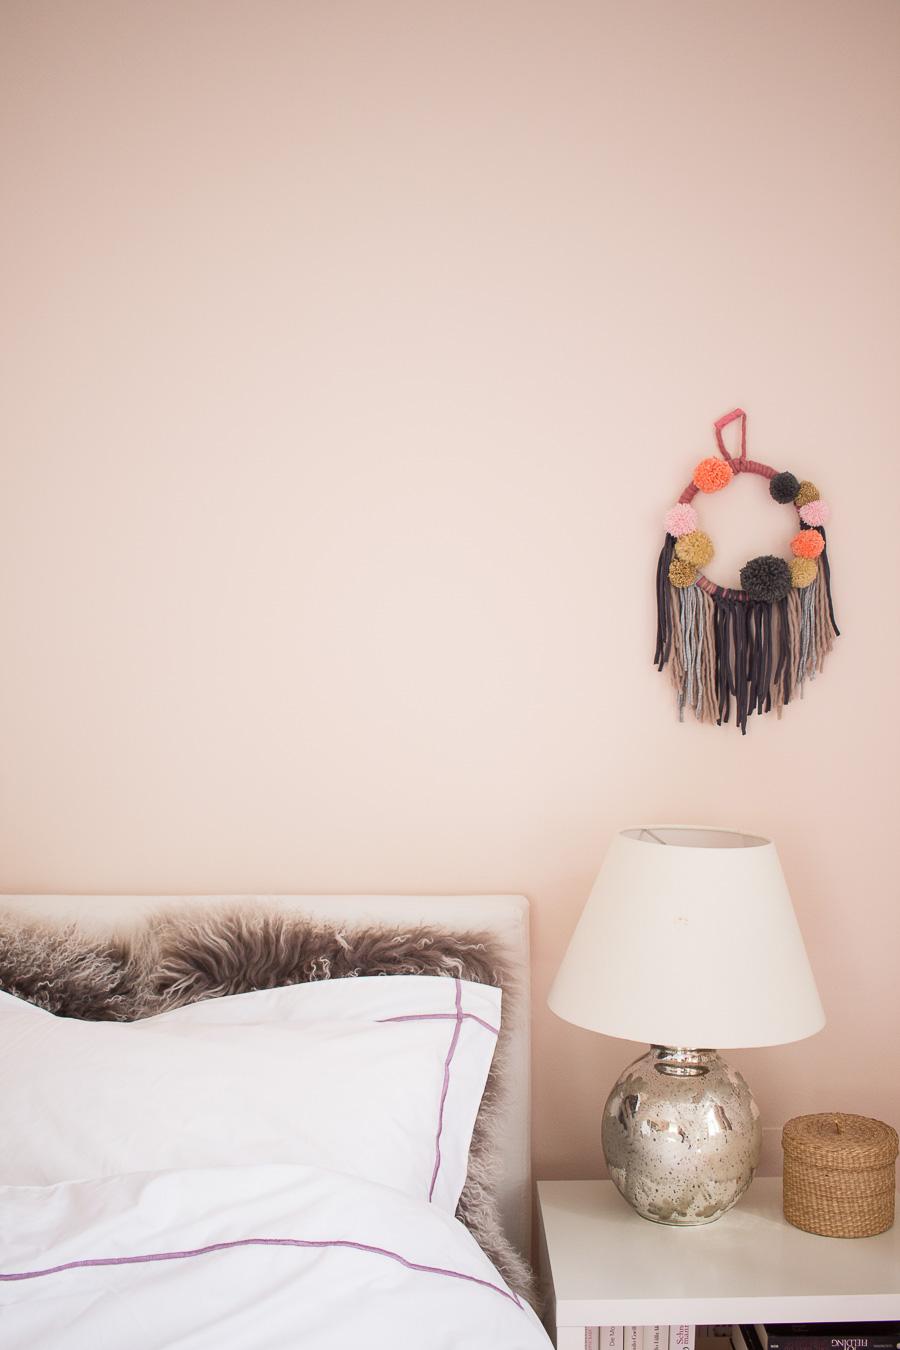 sch ne w sche in bett bad gans gewinnspiel mother 39 s finest. Black Bedroom Furniture Sets. Home Design Ideas